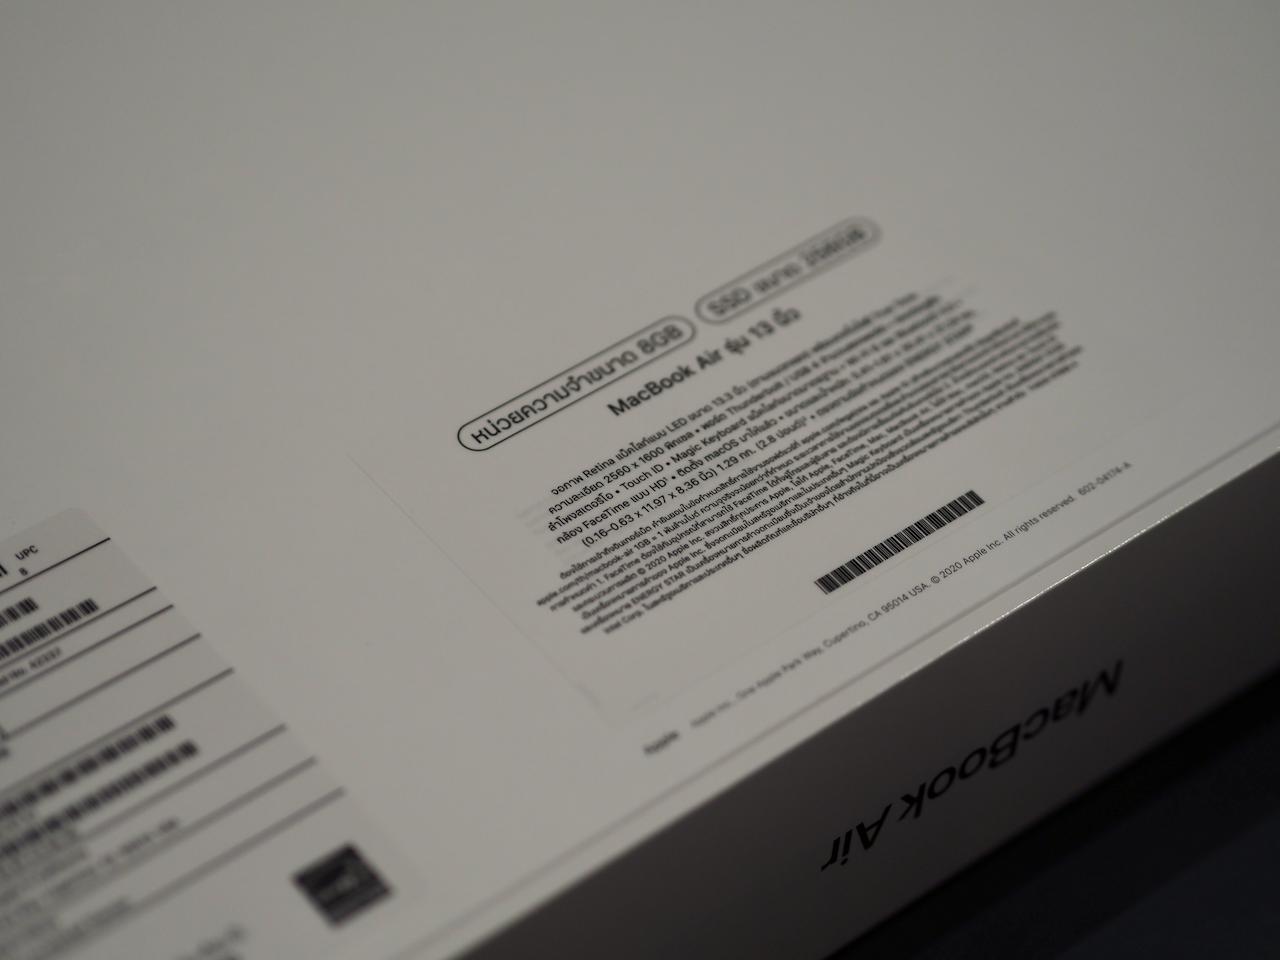 ดูรุ่น MacOS กระดาษที่แปะข้างกล่อ